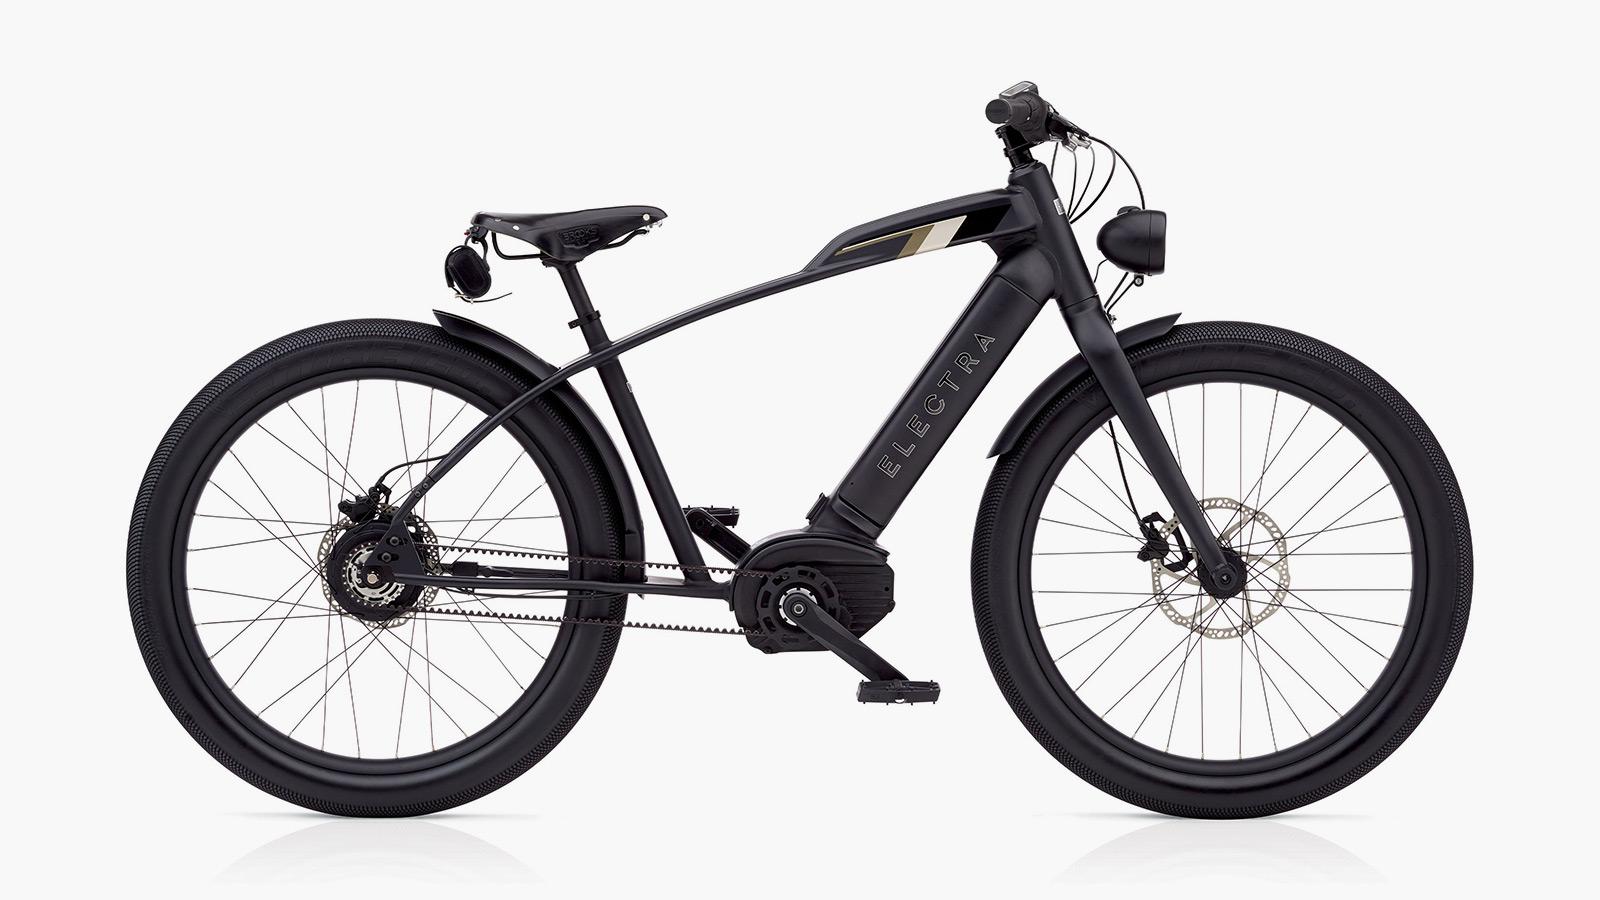 Electra Café Moto Go! E-Bike